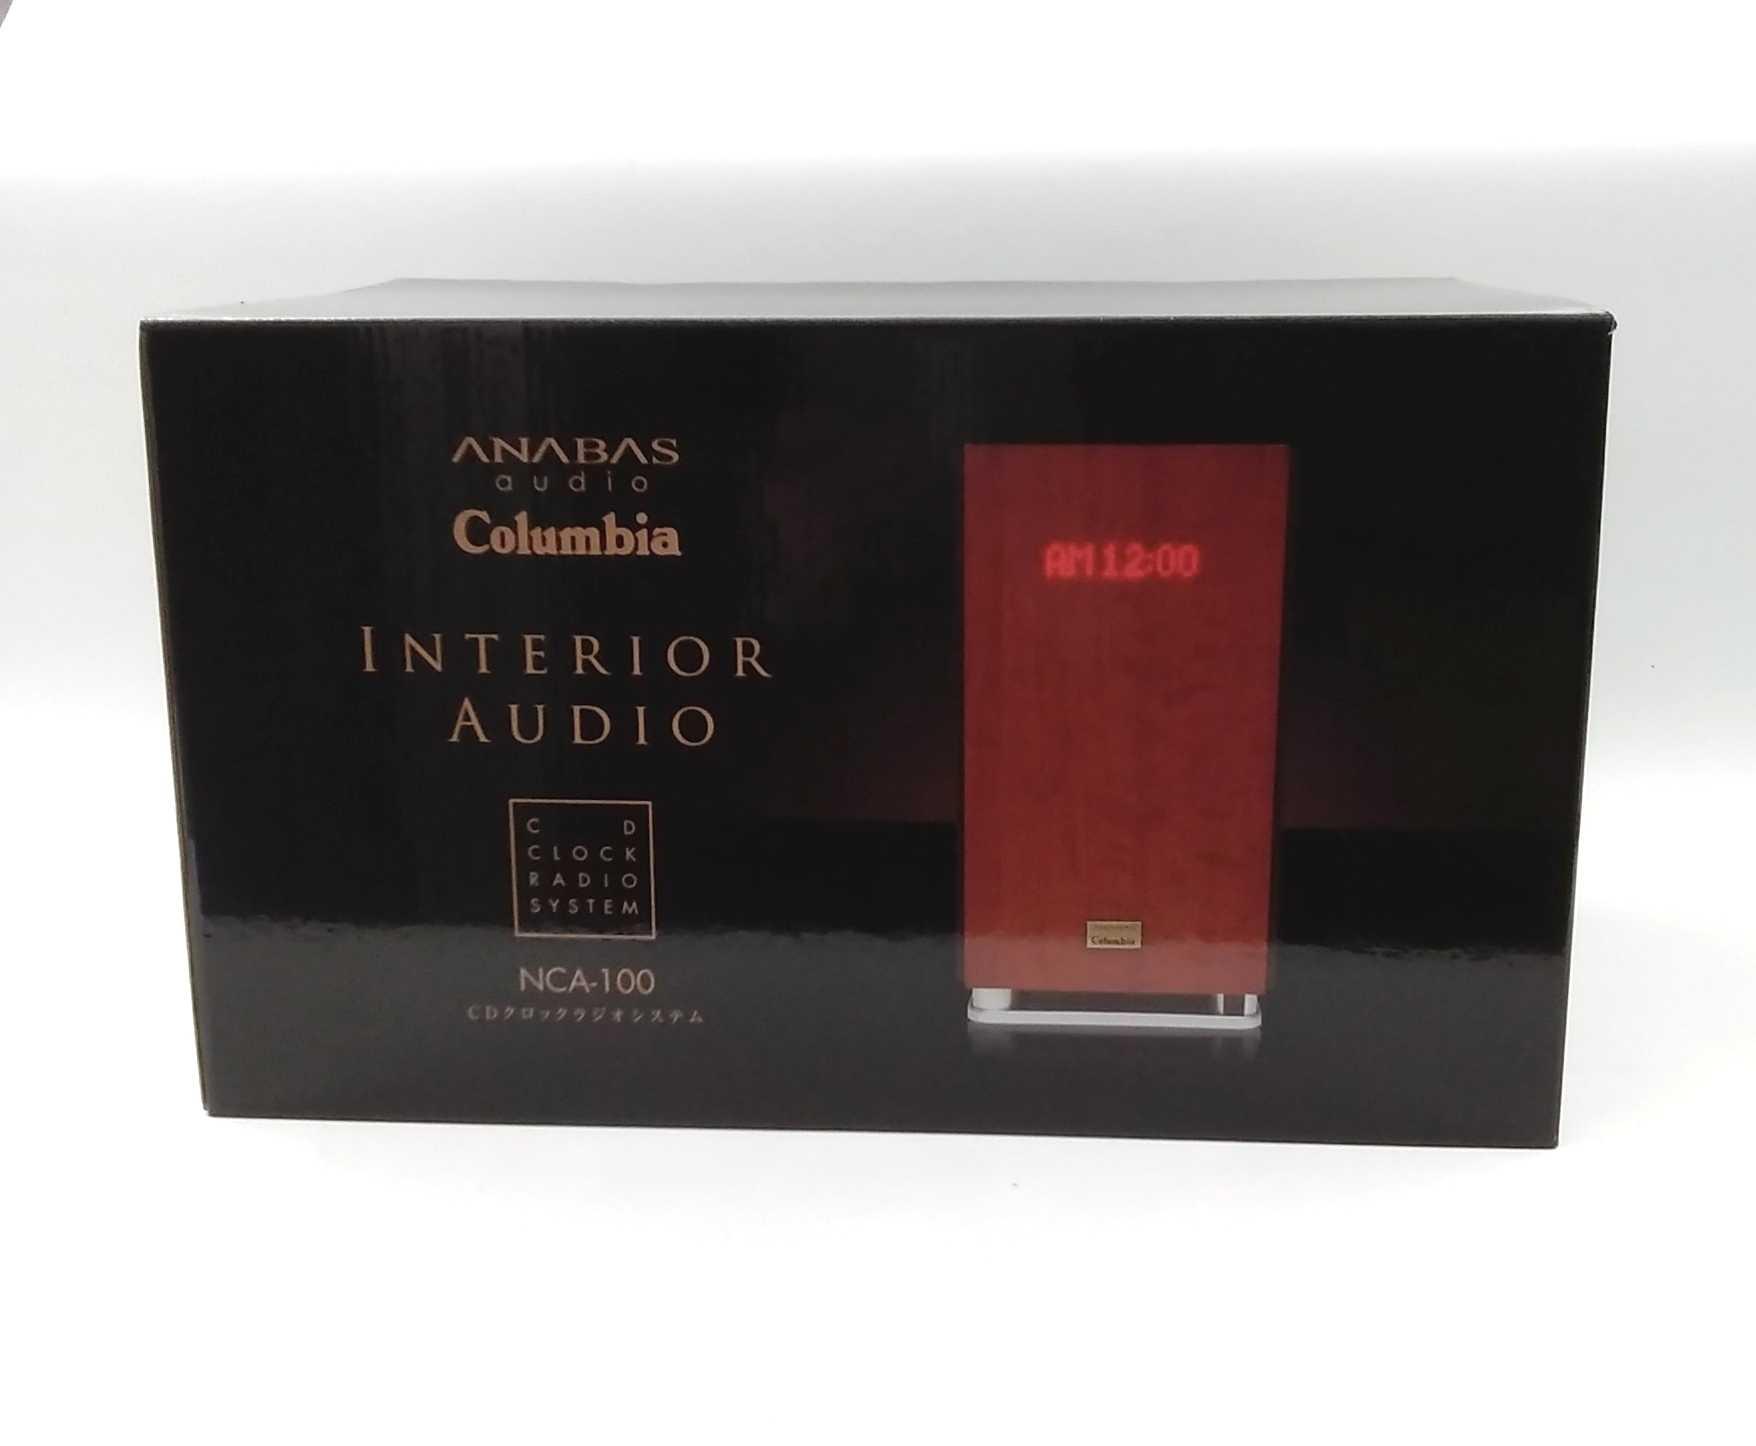 オーディオシステム|ANABAS/COLUMBIA